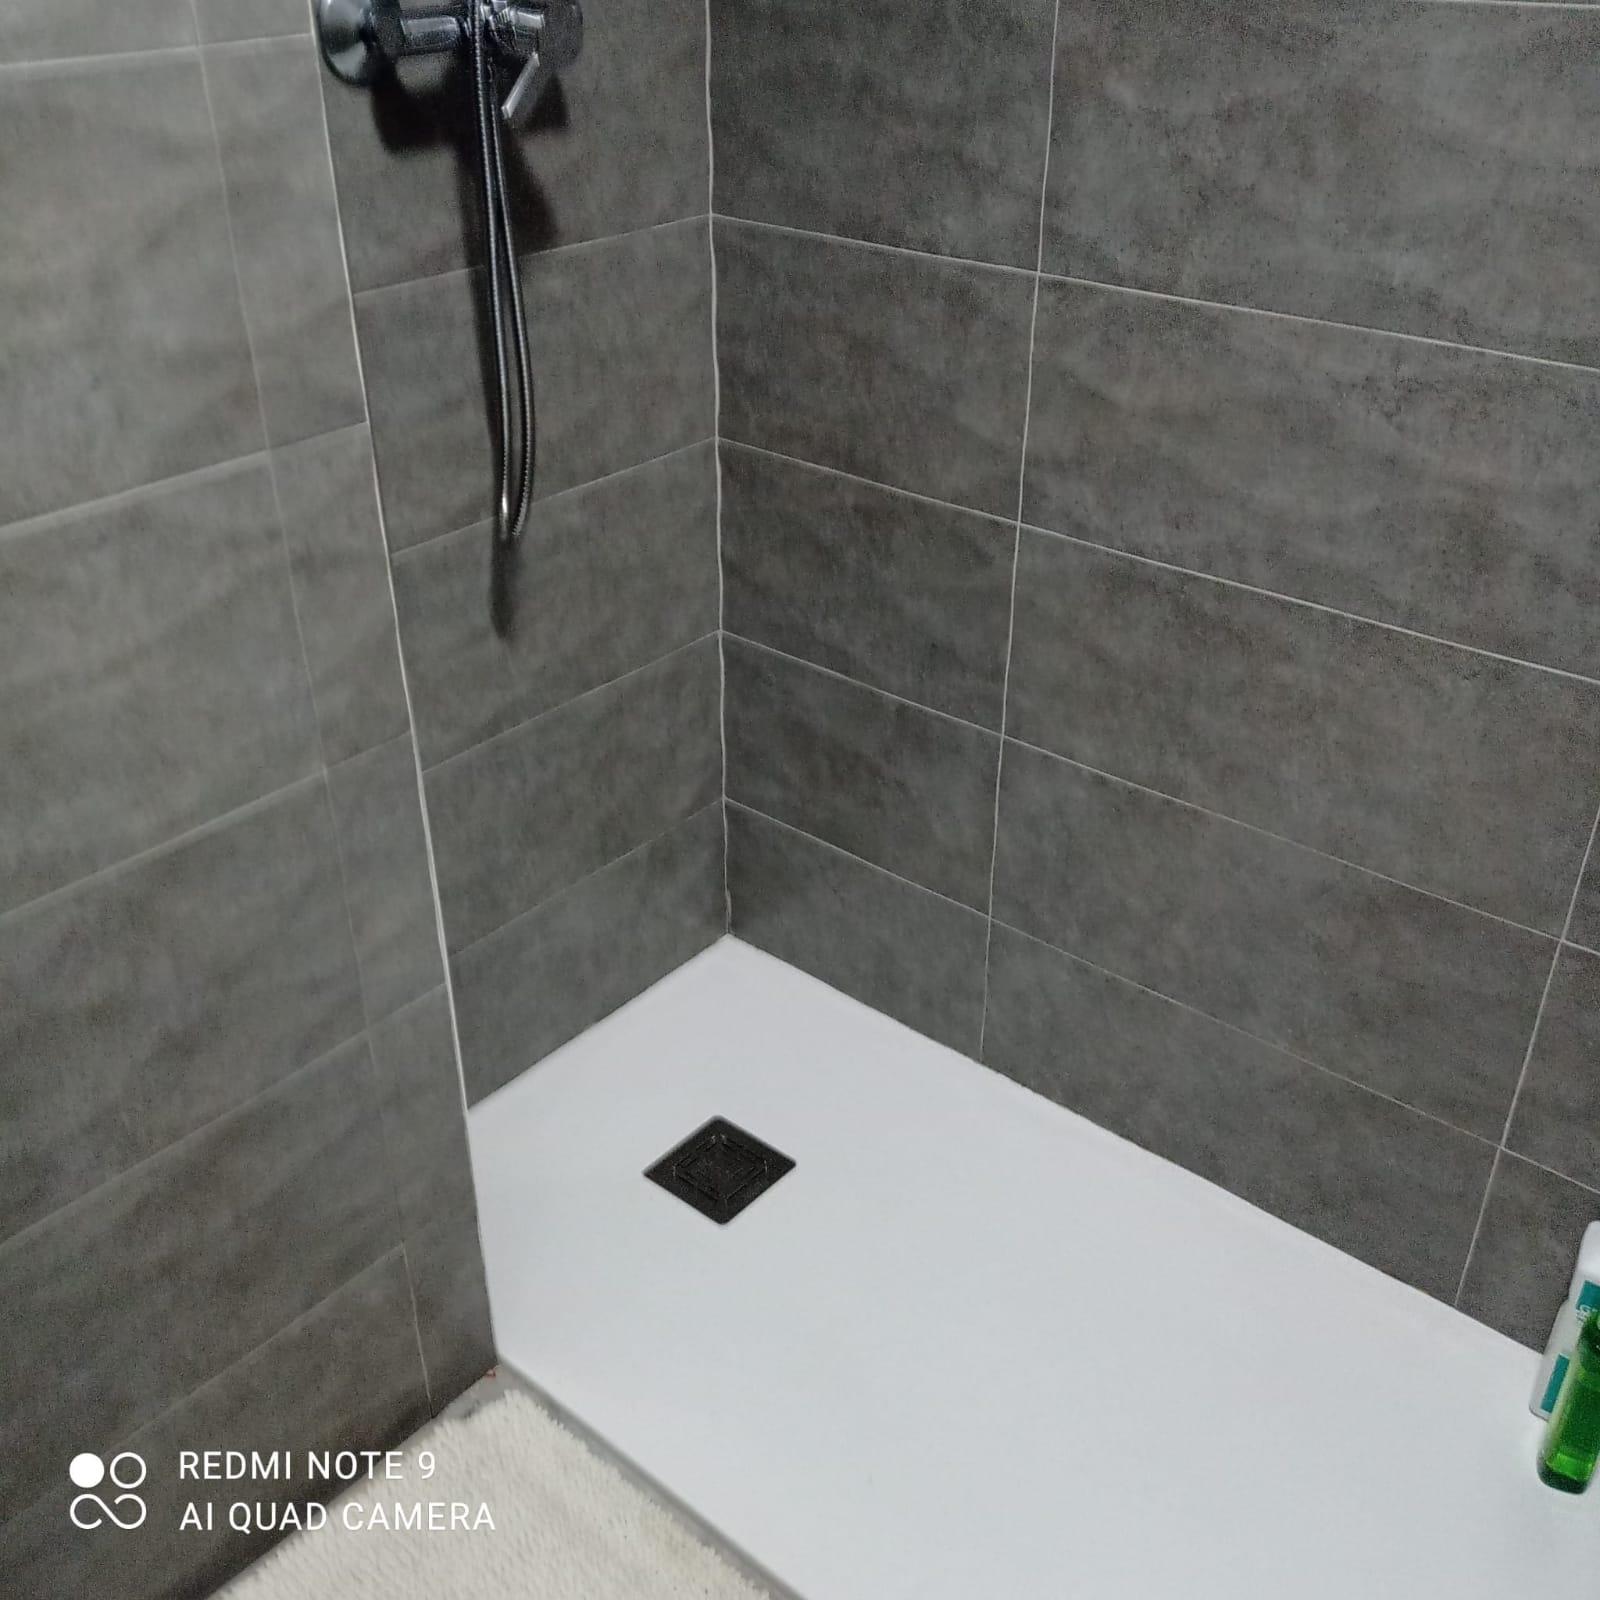 Decidir cambiar bañera por ducha